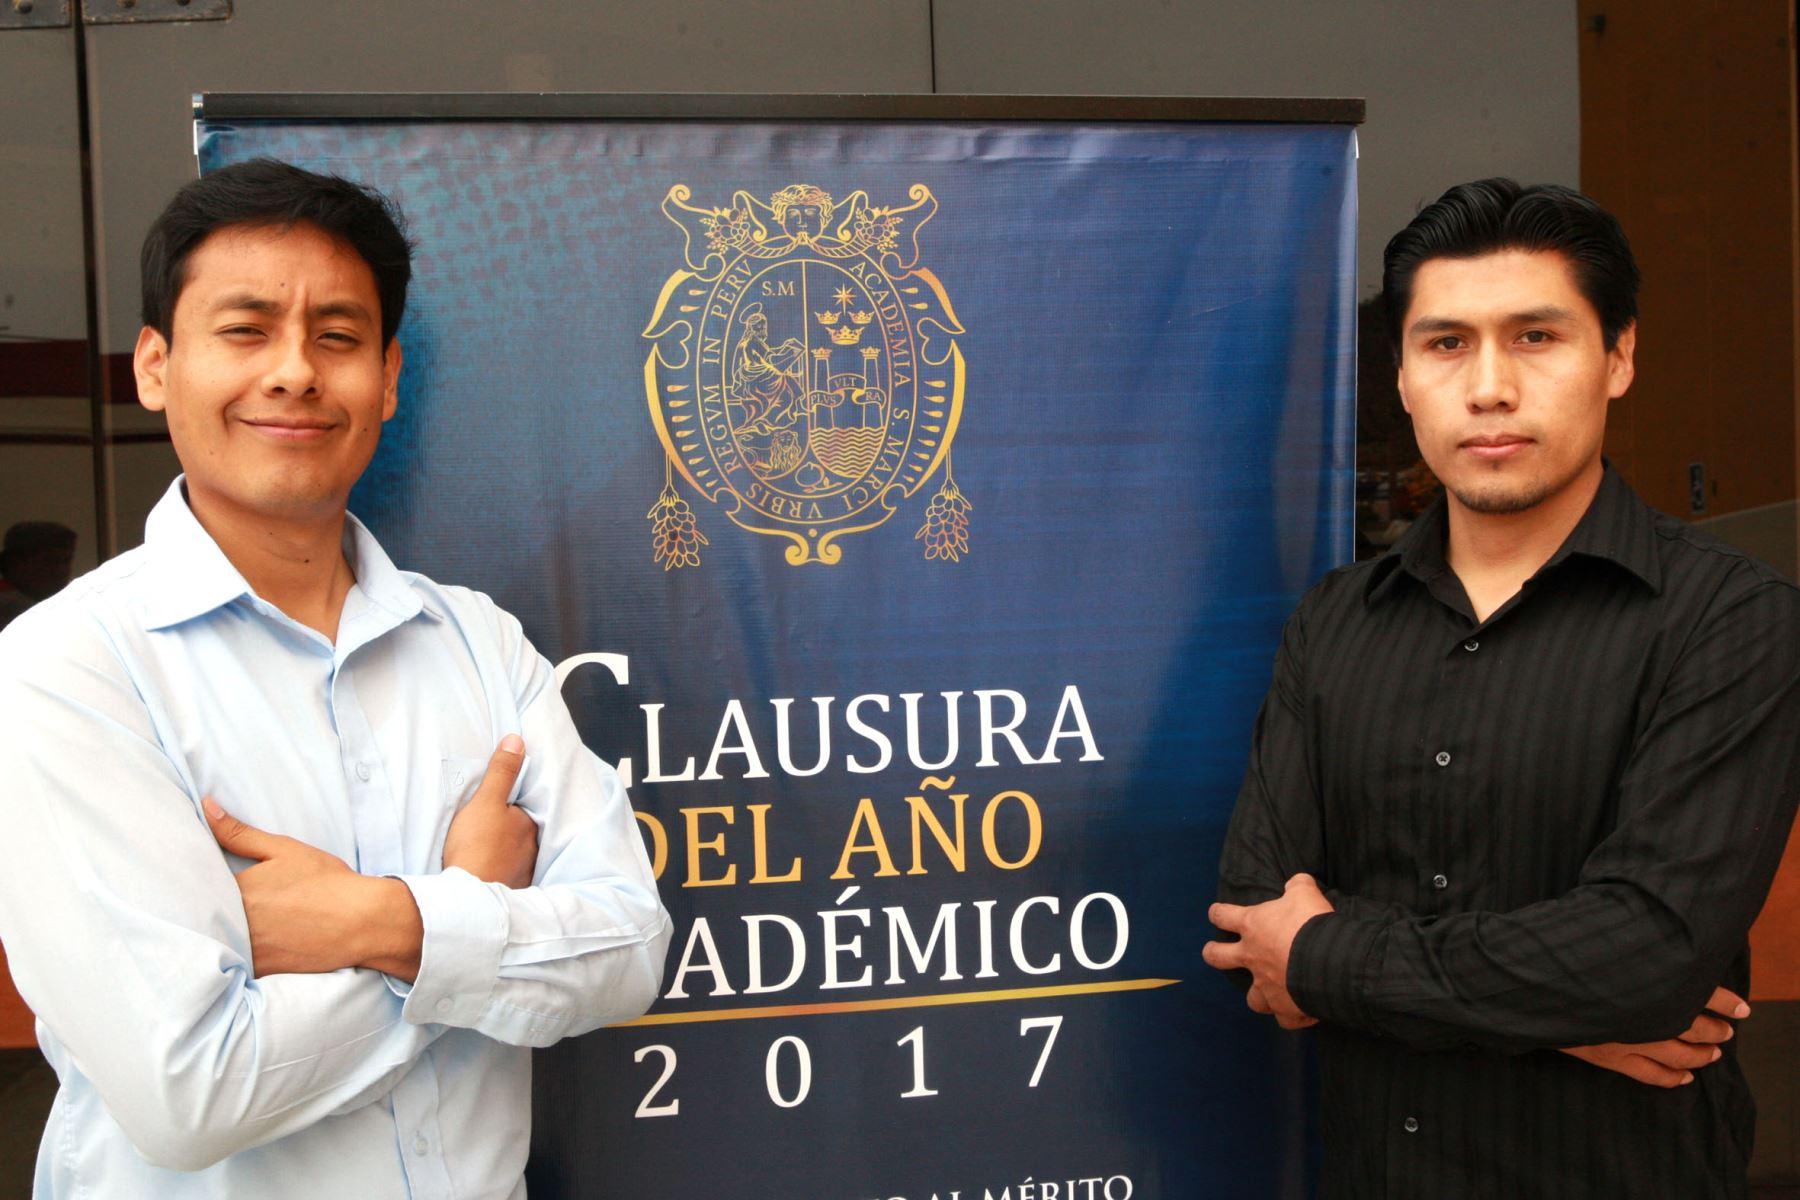 Universidad San Marcos reconoció a equipo que ganó concurso internacional de History Channel. Foto: ANDINA/Dante Zegarra